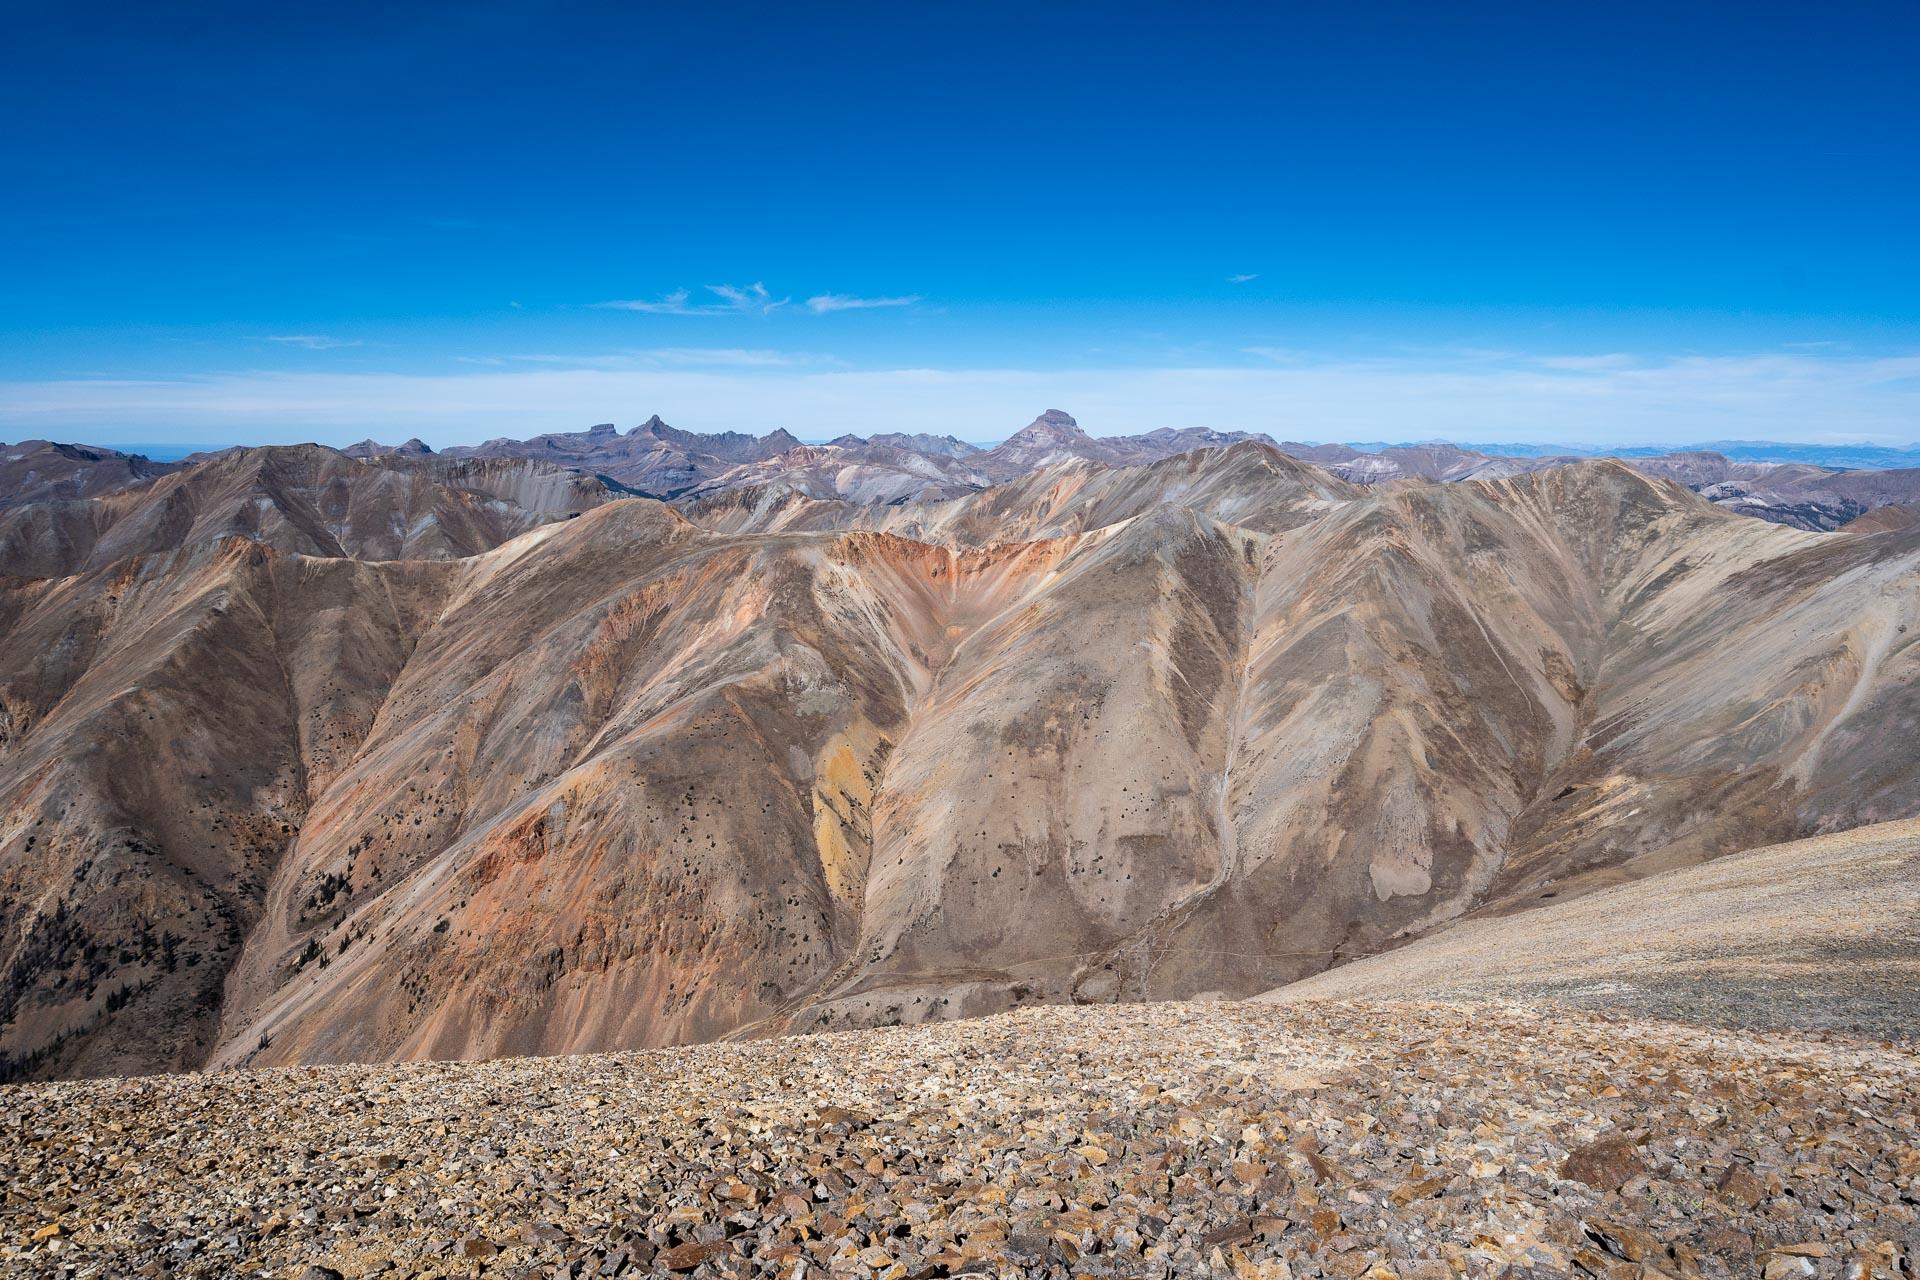 Uncompahgre Peak, 14,321' (center)